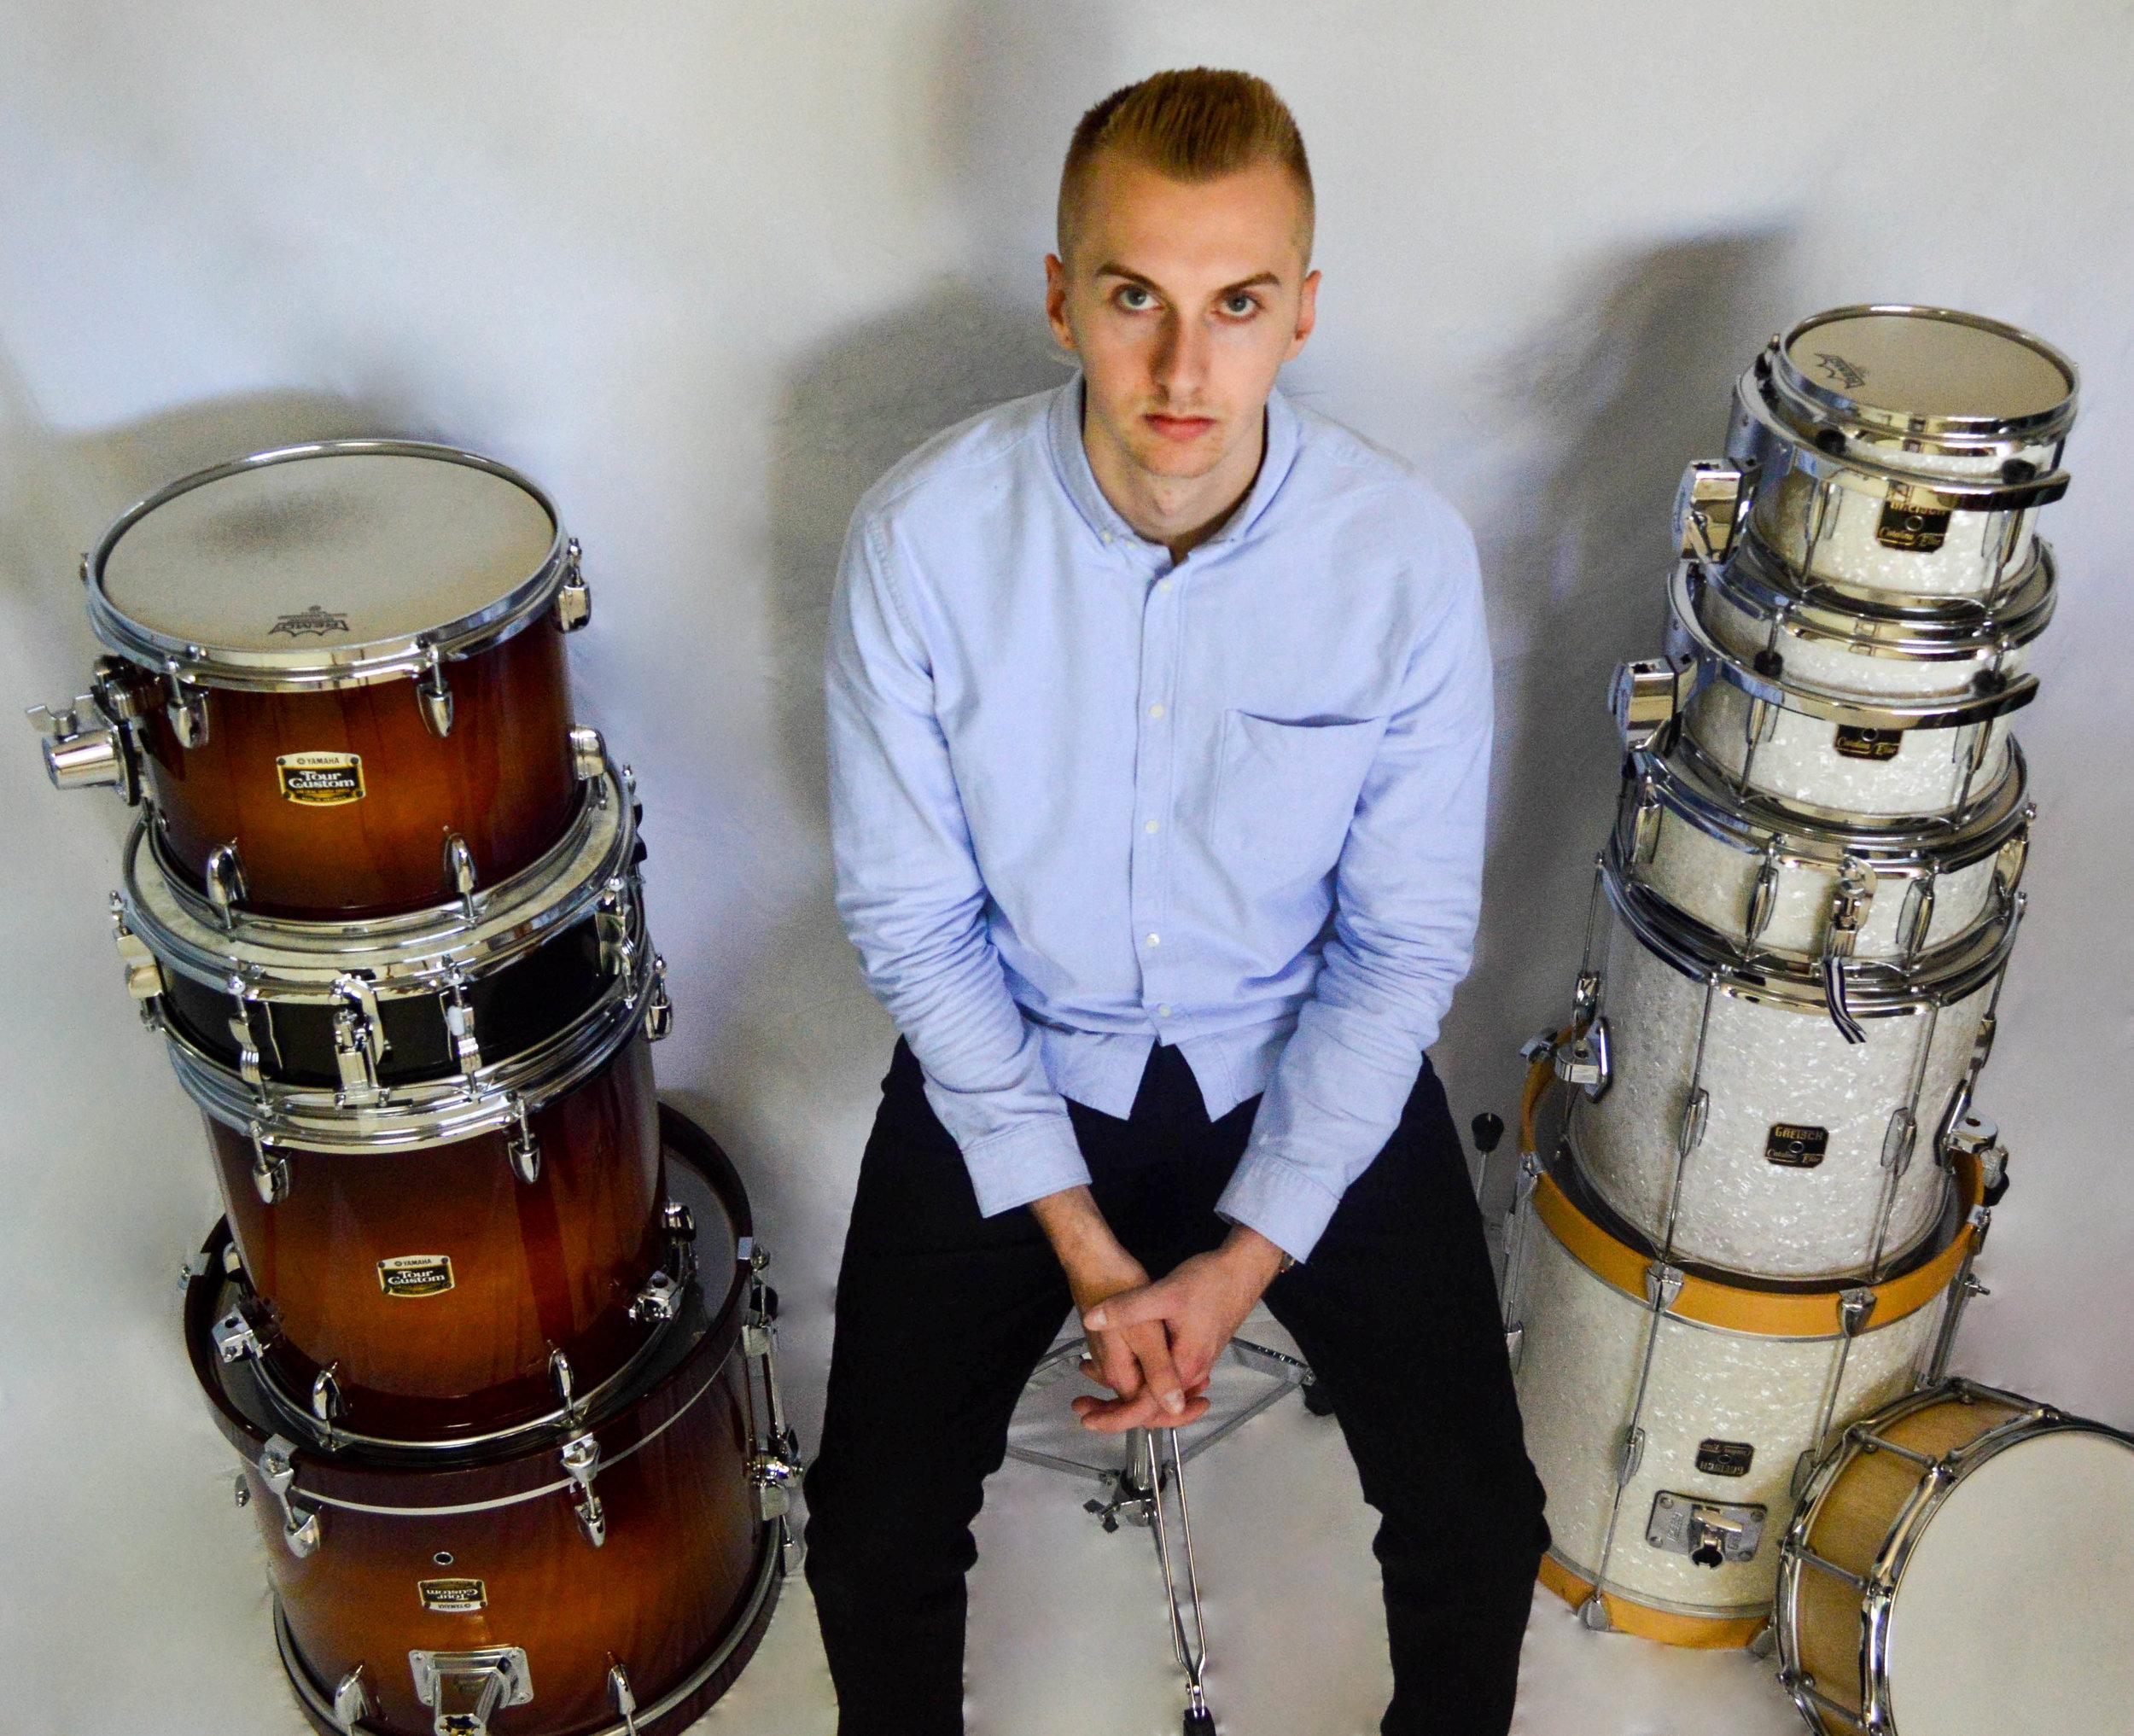 Drums Colow.jpg